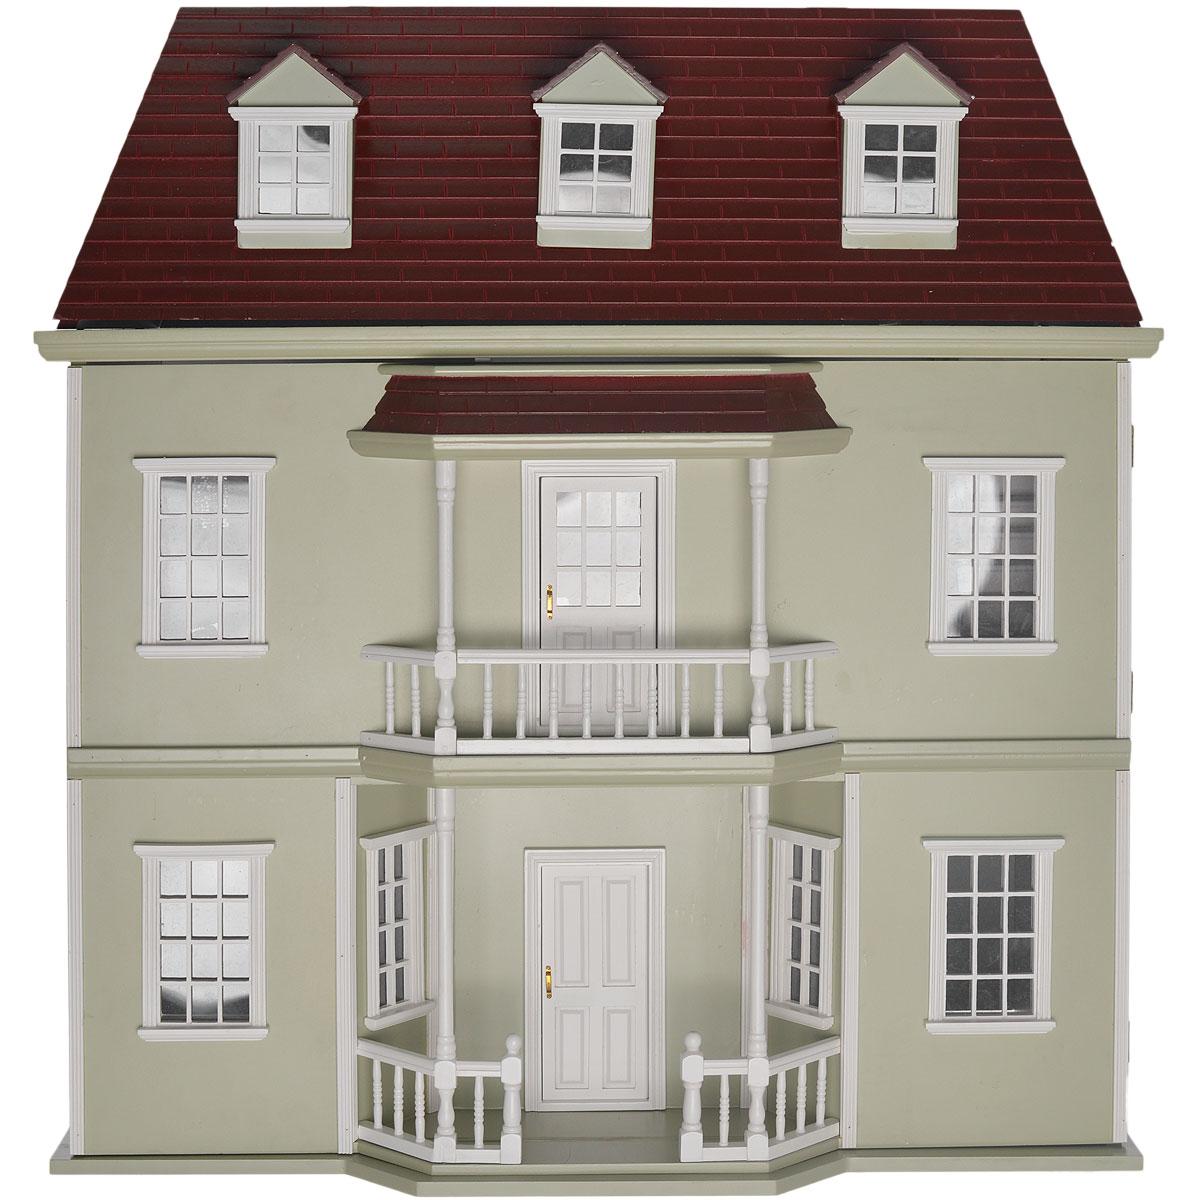 Миниатюра кукольная Art of Mini Дом, 64,5 см х 40 см х 48,5 смAM0103004Миниатюра кукольная Art of Mini Дом изготовлена из дерева светлого цвета в масштабе 1:12. Миниатюра выполнена в виде двухэтажного дома с балконом и дополнительными комнатами на чердаке. Окна застеклены, а двери могут открываться. Кукольная миниатюра представляет собой целый мир с собственной модой, историей и законами. В нашей стране кукольная и историческая миниатюра только набирает популярность, тогда как в других государствах уже сложились целые традиции по созданию миниатюр. Создание миниатюр сводится к правильному подбору всех элементов интерьера согласно сюжетному и историческому контексту. Очень часто наборы кукольных миниатюр передается от поколения к поколению. И порой такие коллекции - далеко не детская забава, а настоящее серьезное хобби для взрослых. Стильные, красивые маленькие вещички и аксессуары интересно расставлять по своим местам, создавая необычные исторические, фантазийные и классические инсталляции различных эпох. С коллекцией кукольных...